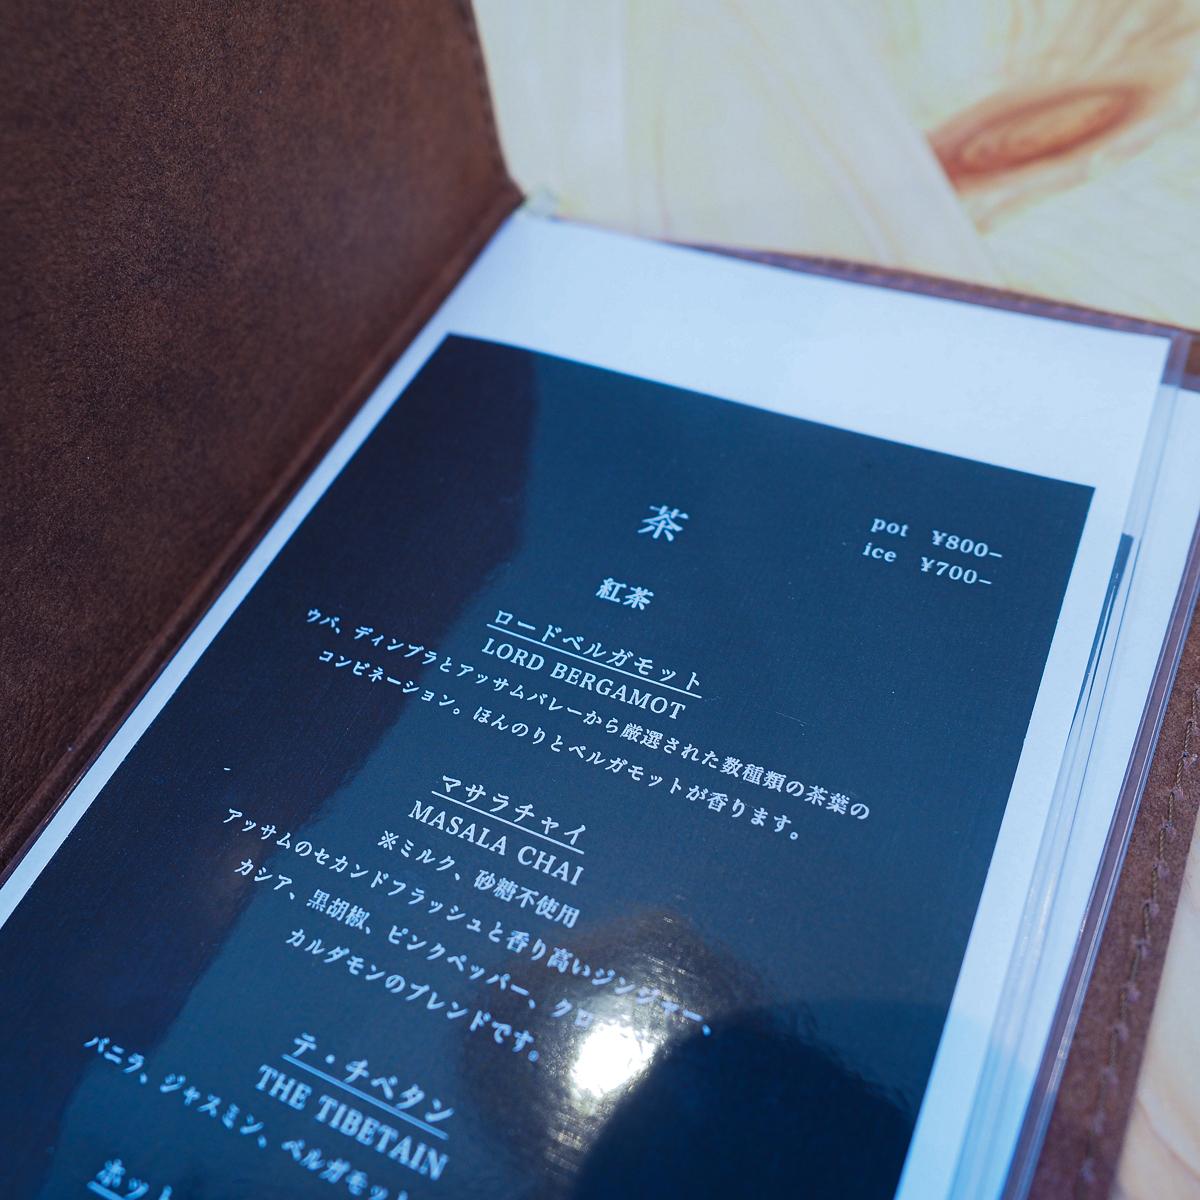 茶室小雨 蔵前 カフェ おすすめ 紅茶 ビクトリアケーキ スイーツ ティータイム ウグイスビル kuramae 菓子屋シノノメ ケーキ 緑茶